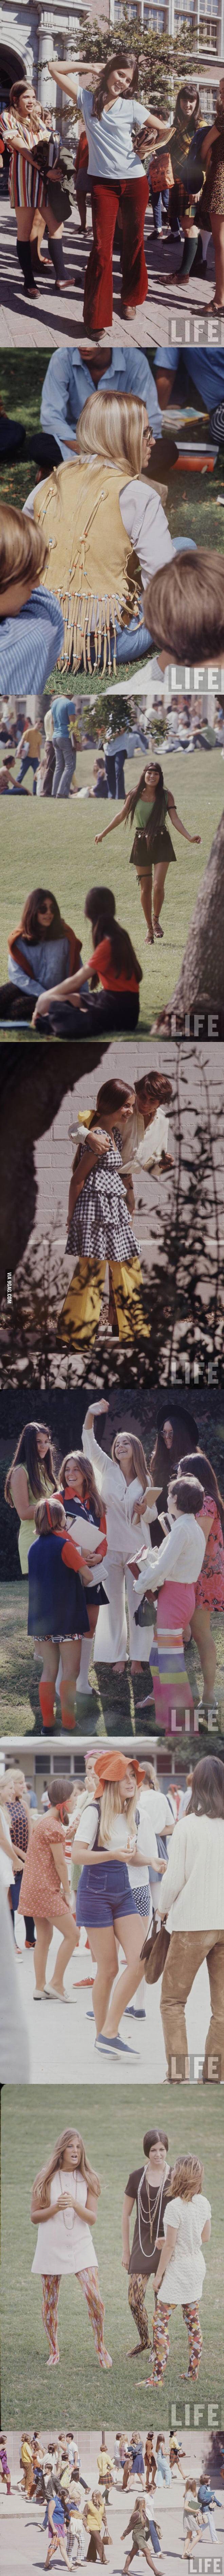 High School Fashions, 1969